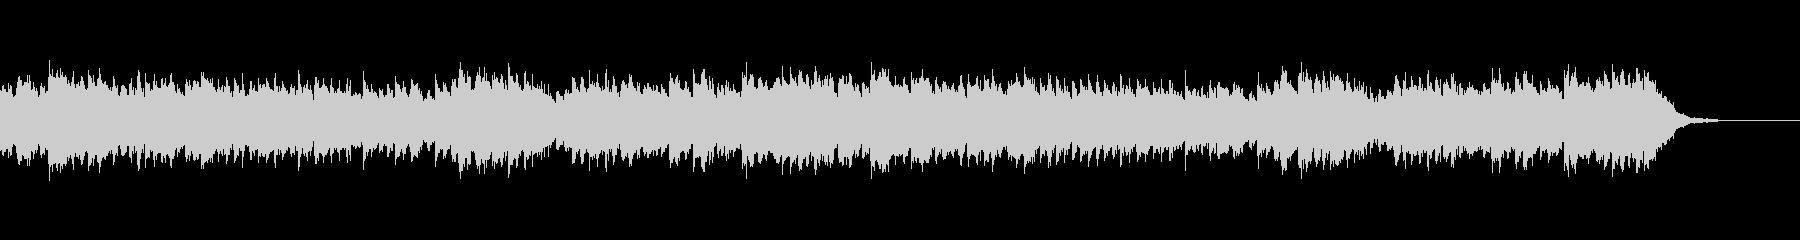 平均律クラヴィーア曲集の19番の未再生の波形